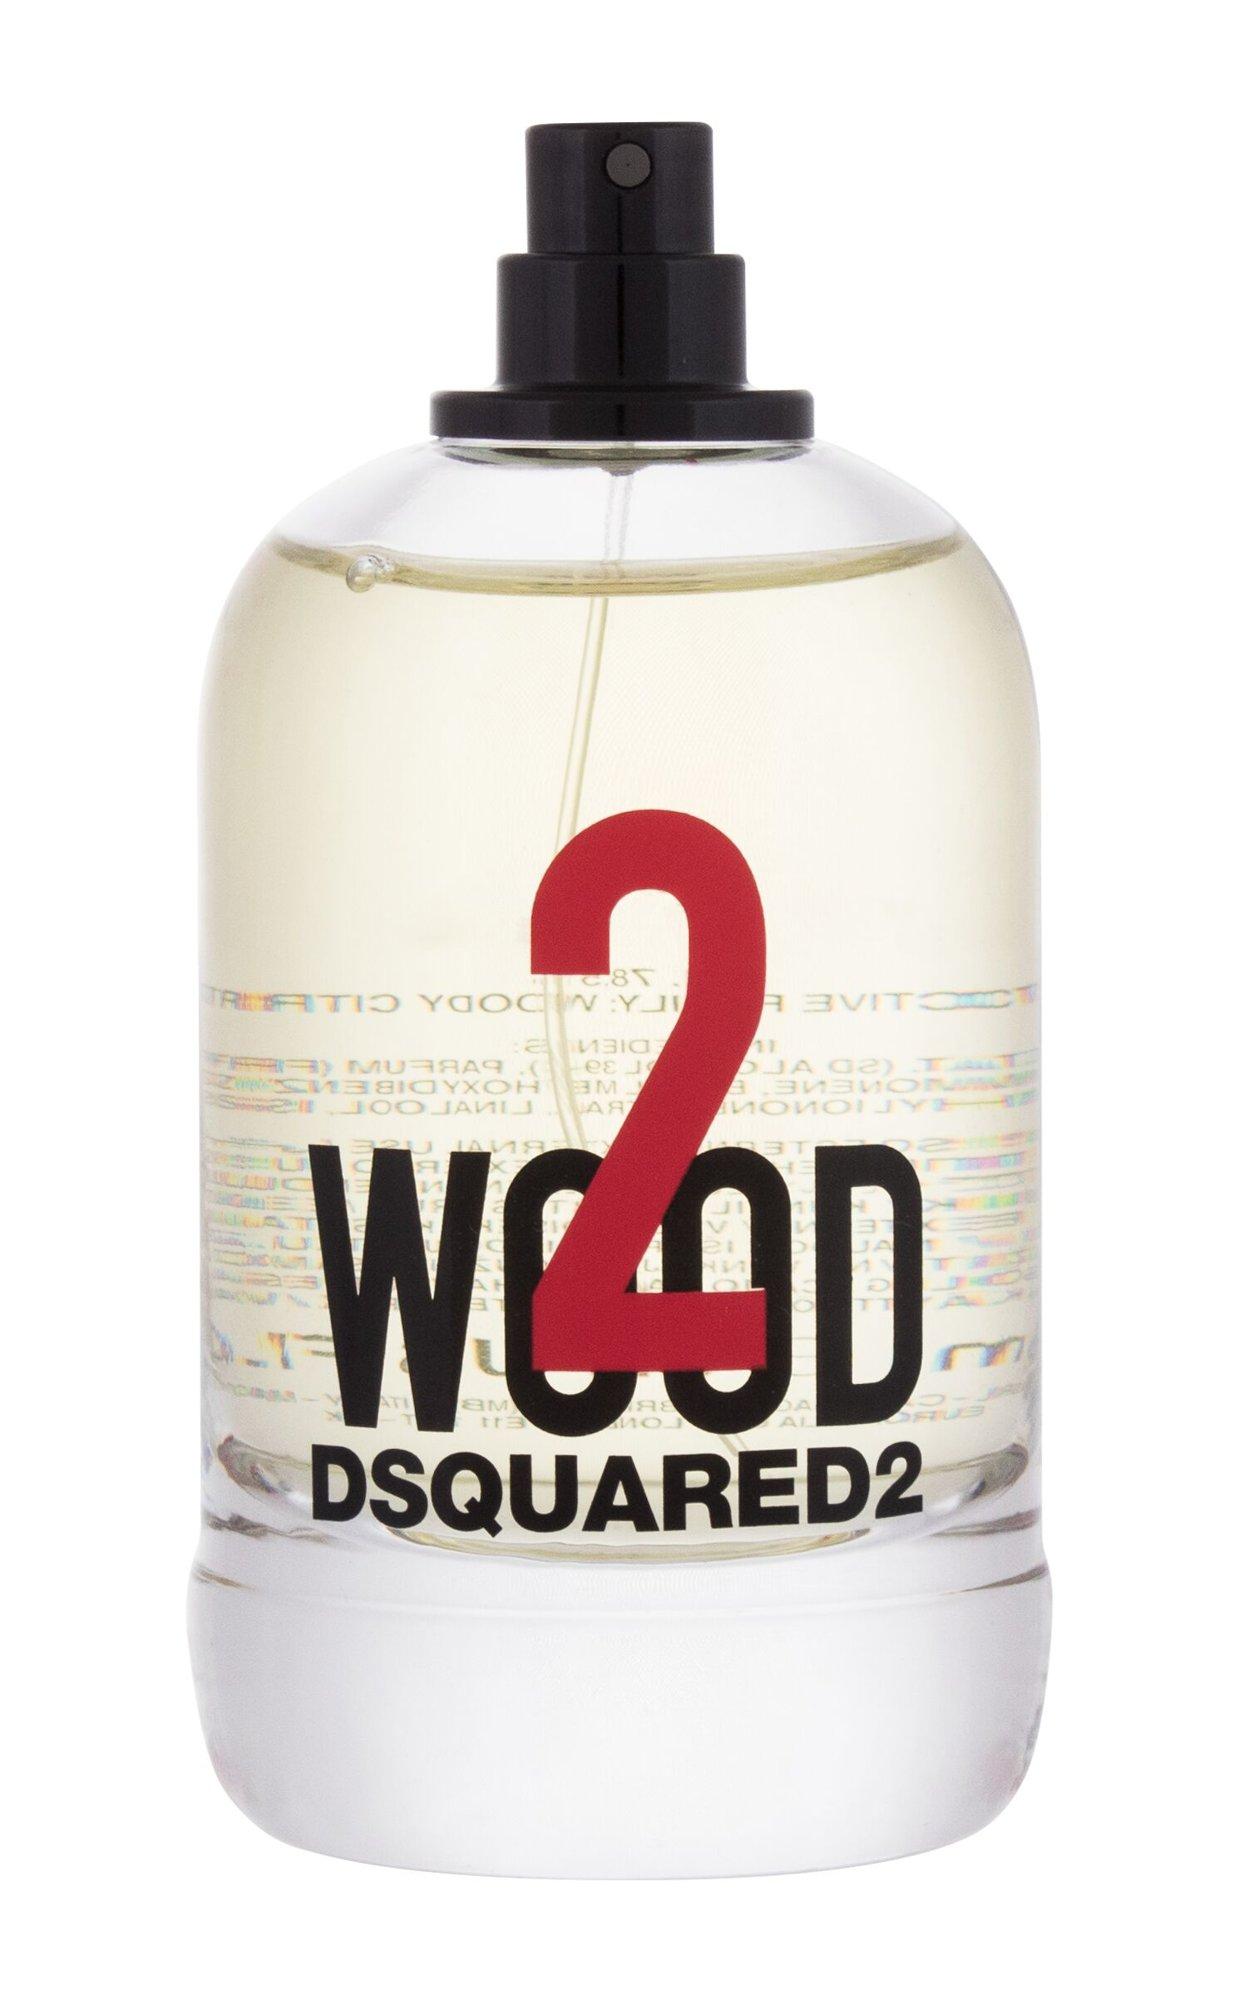 Dsquared2 2 Wood (U)